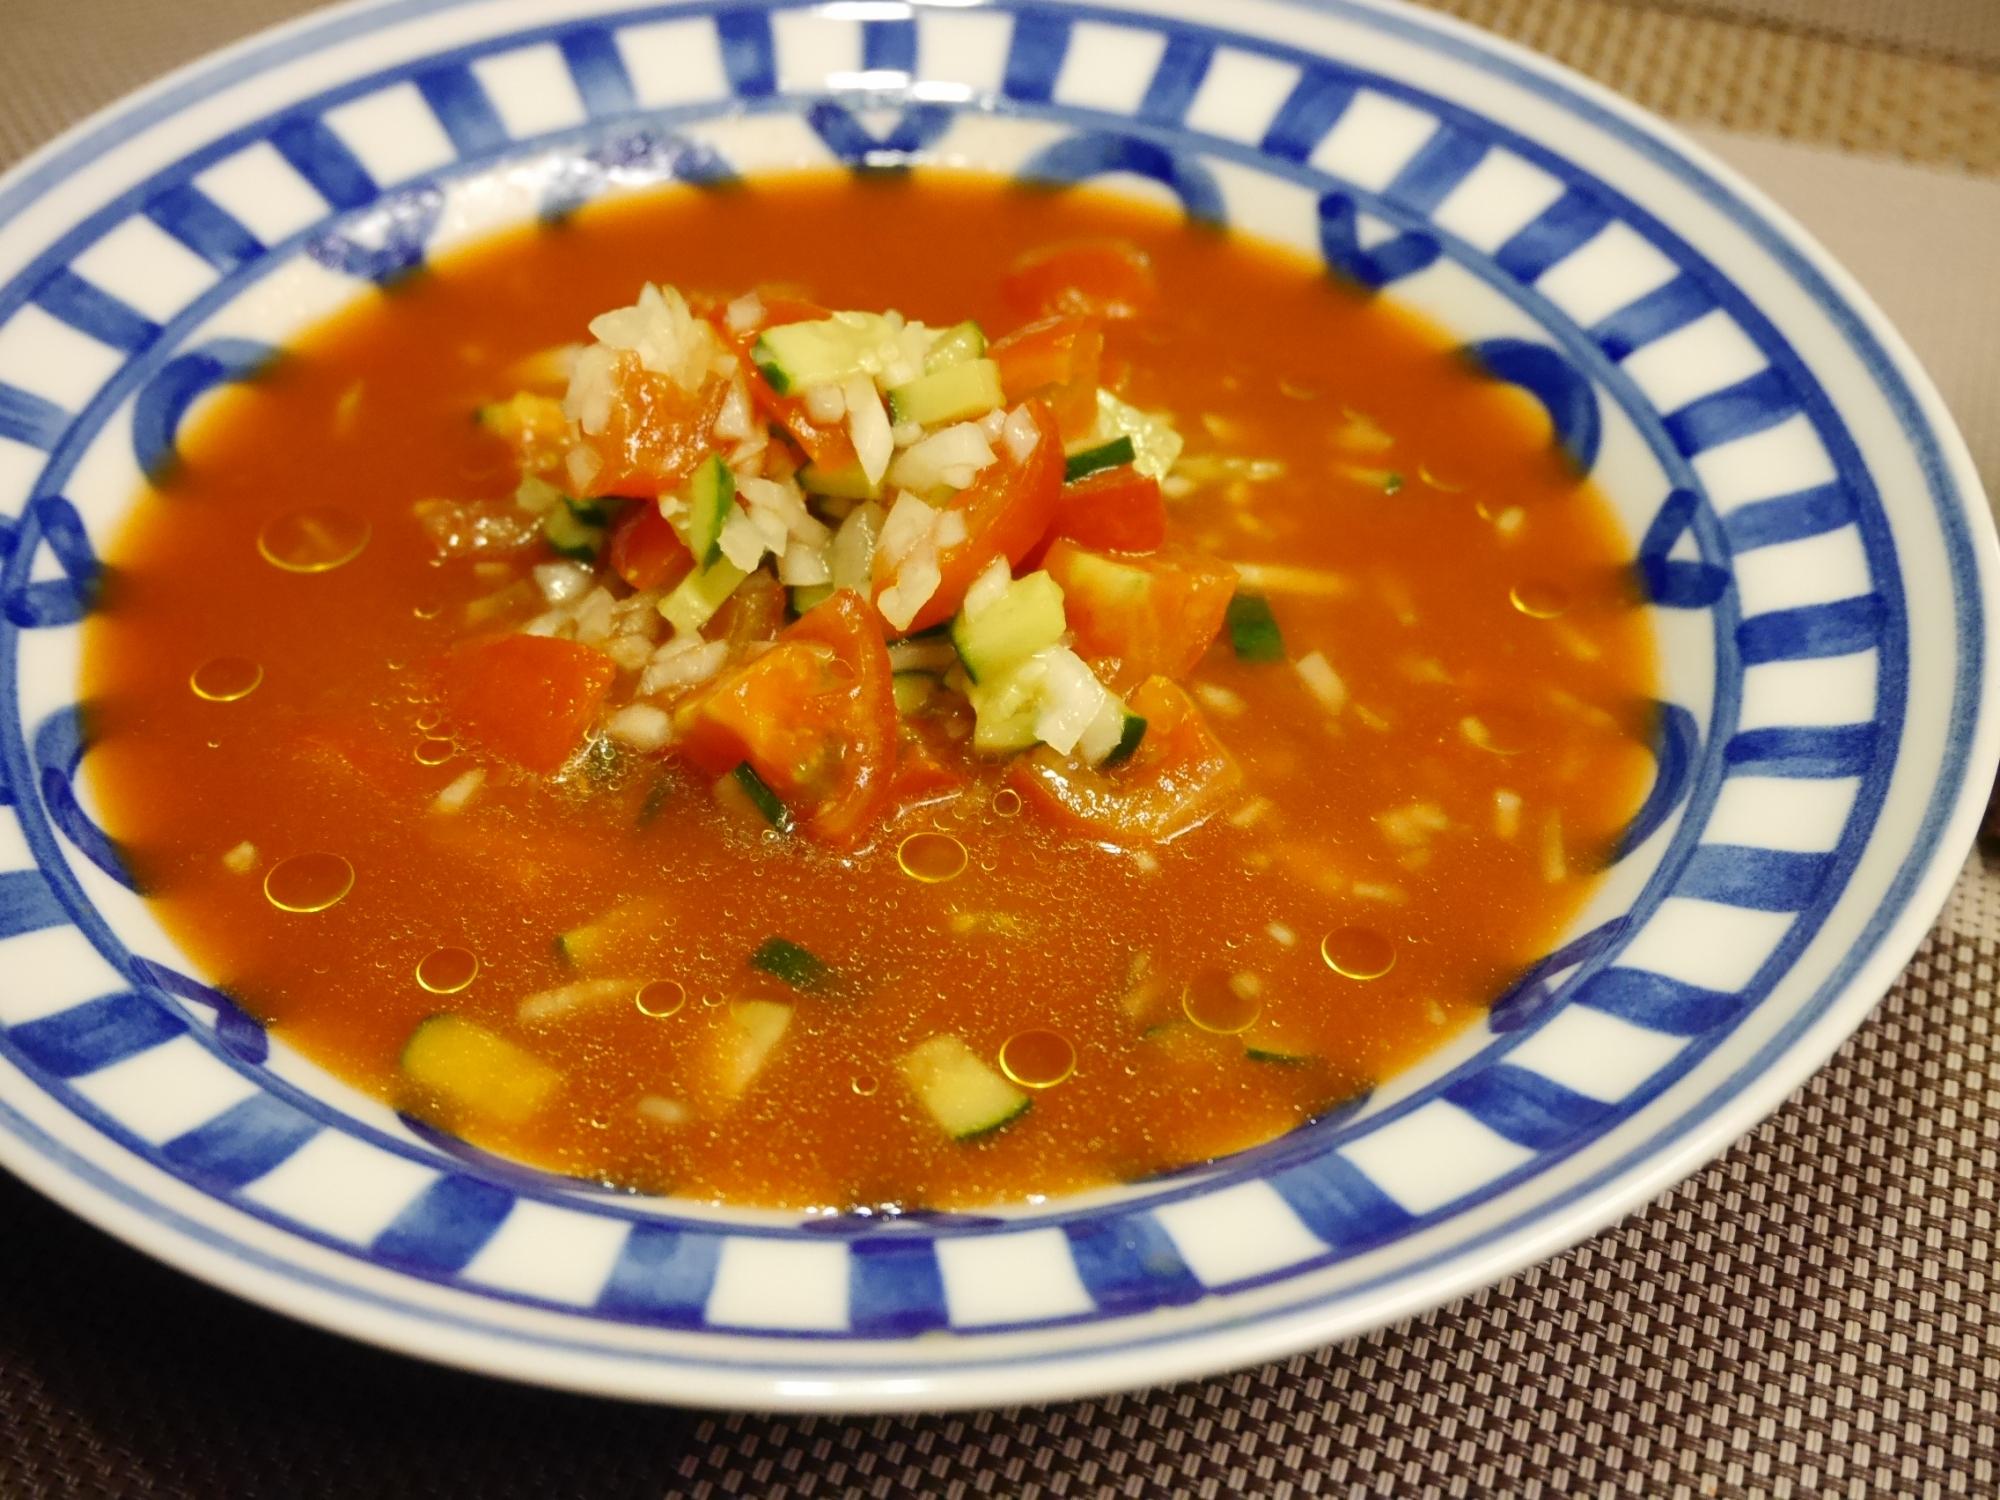 トマトジュースでガスパチョ風★刻み野菜の冷製スープ